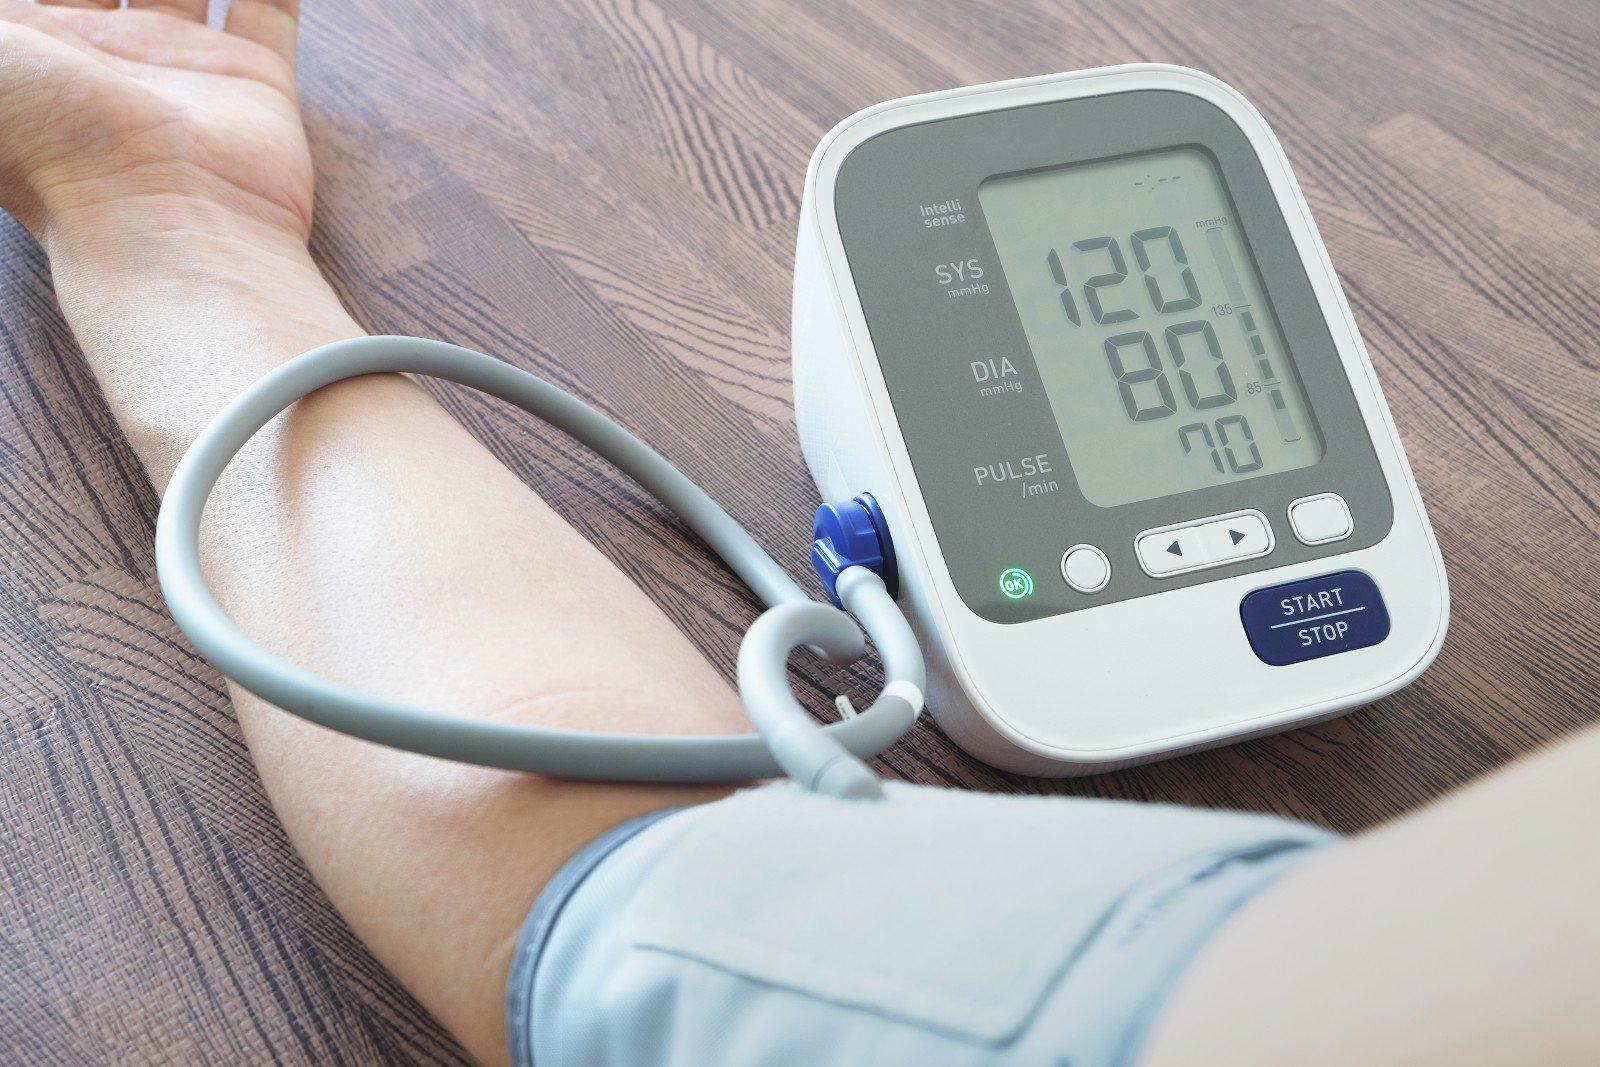 kaip normalizuoti kraujospūdžio hipertenziją